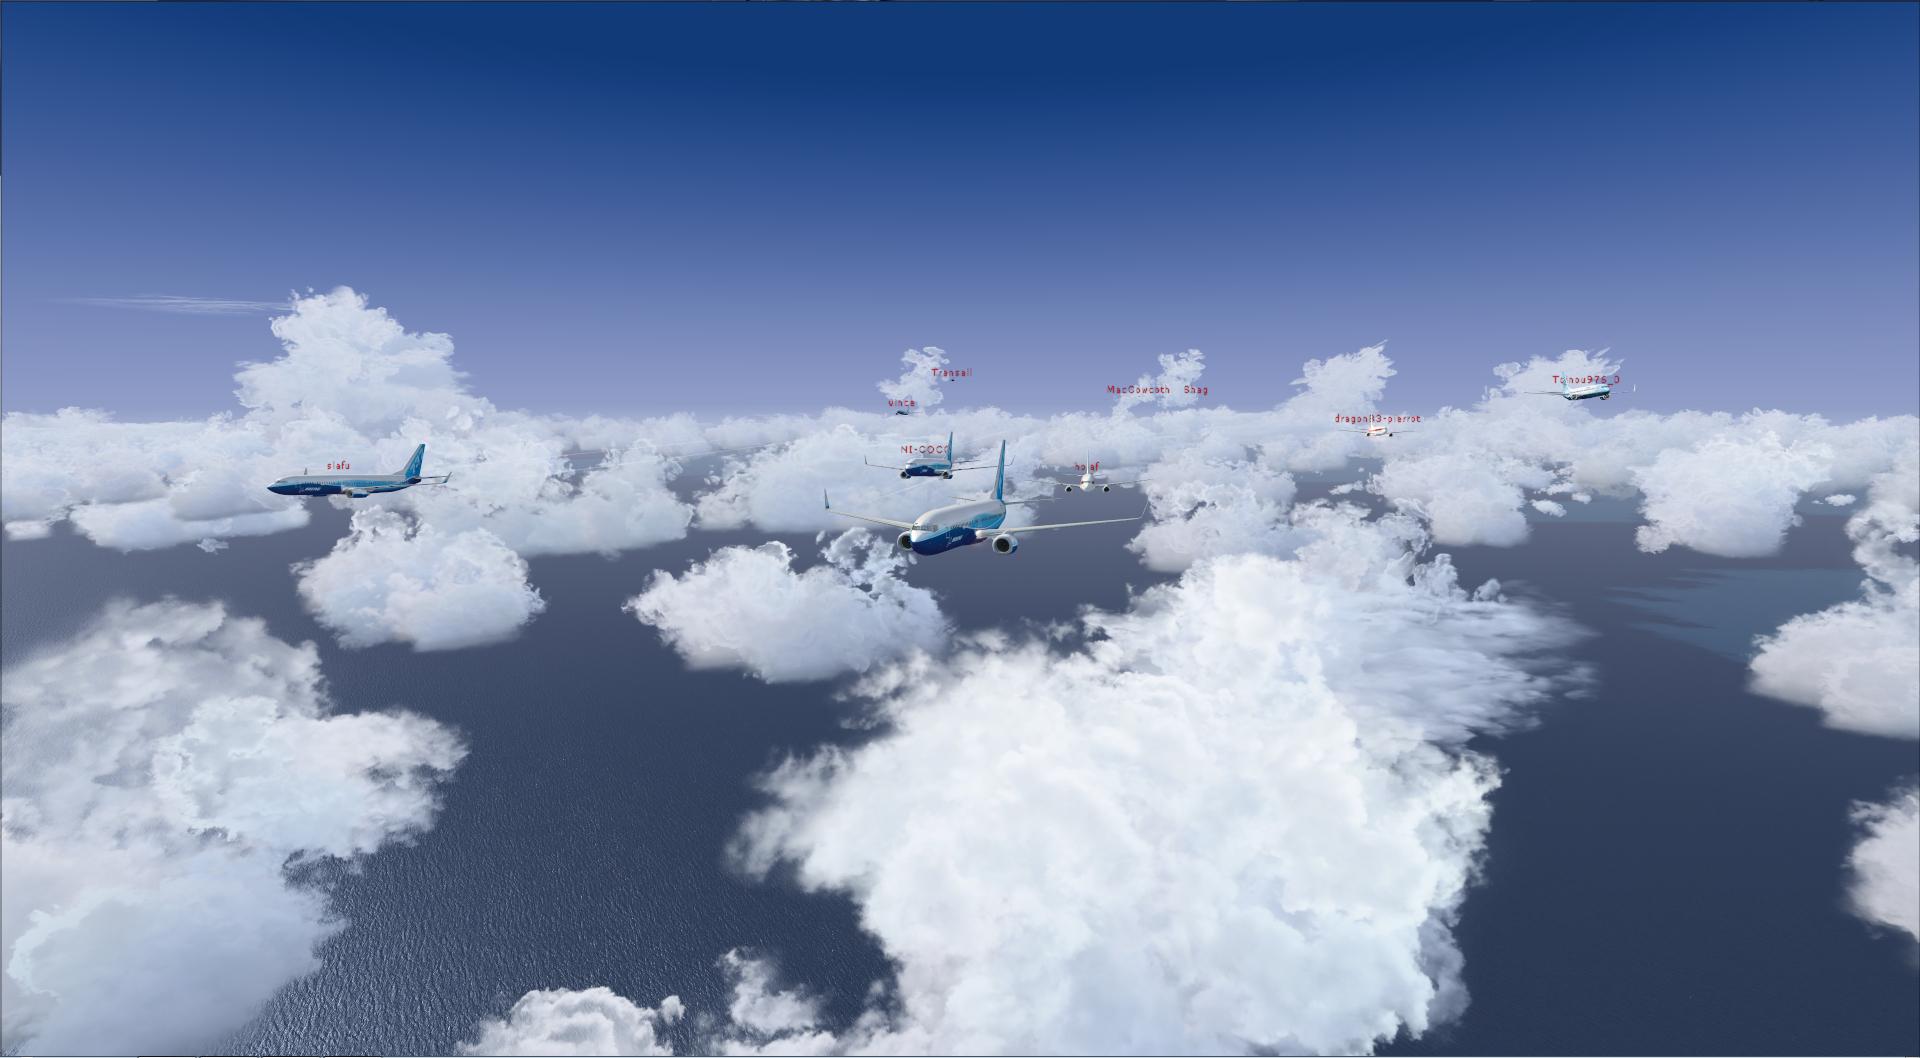 Compte rendu de ce vol patrouille en linear super vol du 23 10 2014 en 737 92597220141023214156281